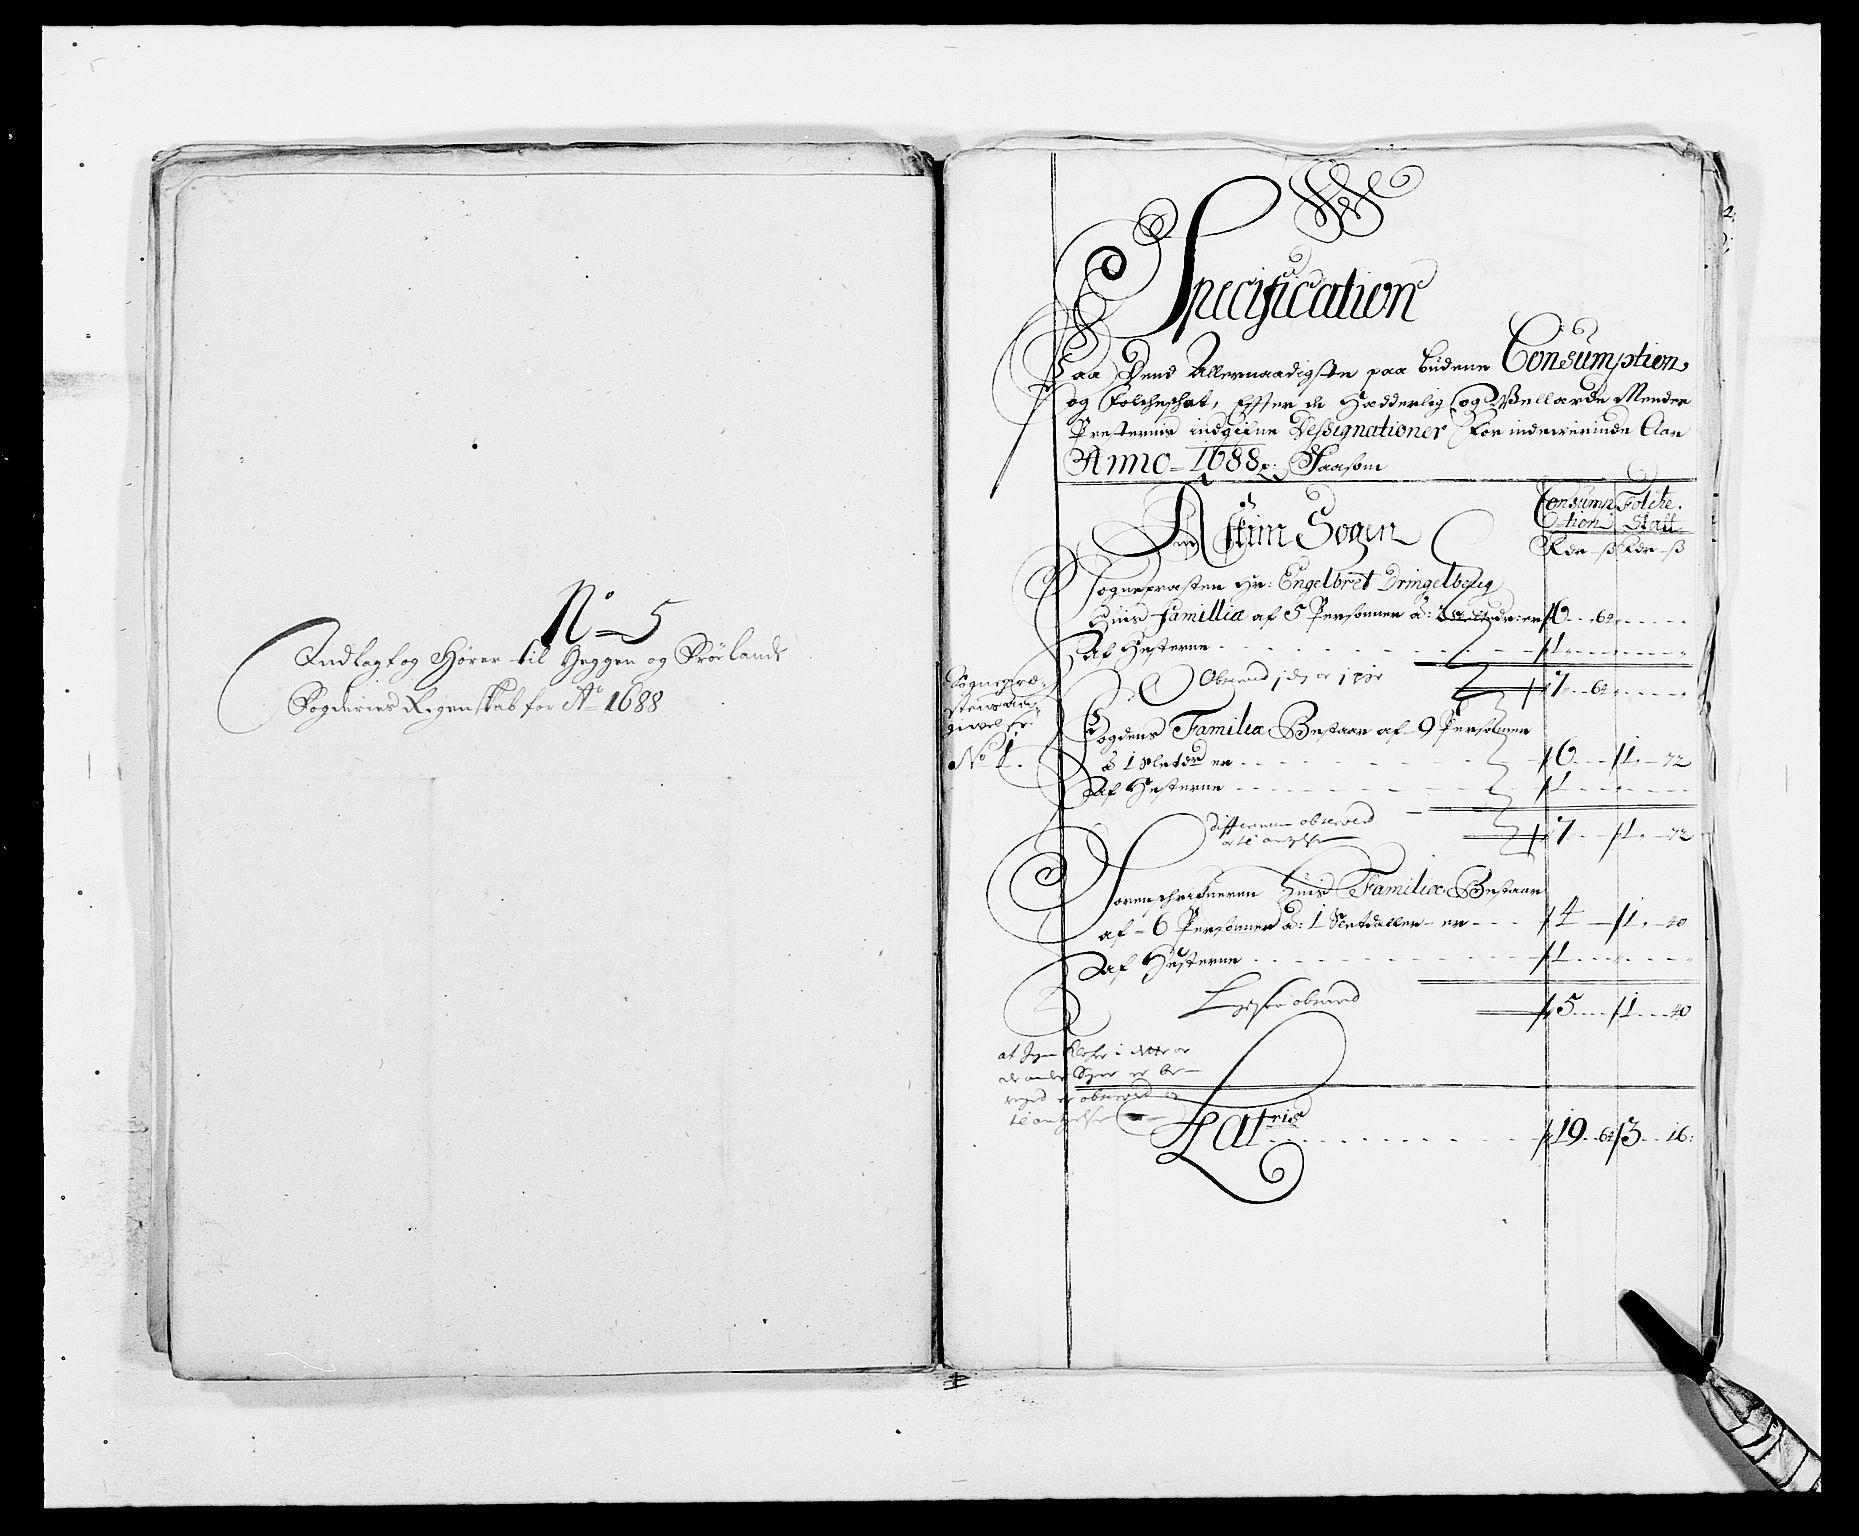 RA, Rentekammeret inntil 1814, Reviderte regnskaper, Fogderegnskap, R06/L0282: Fogderegnskap Heggen og Frøland, 1687-1690, s. 98